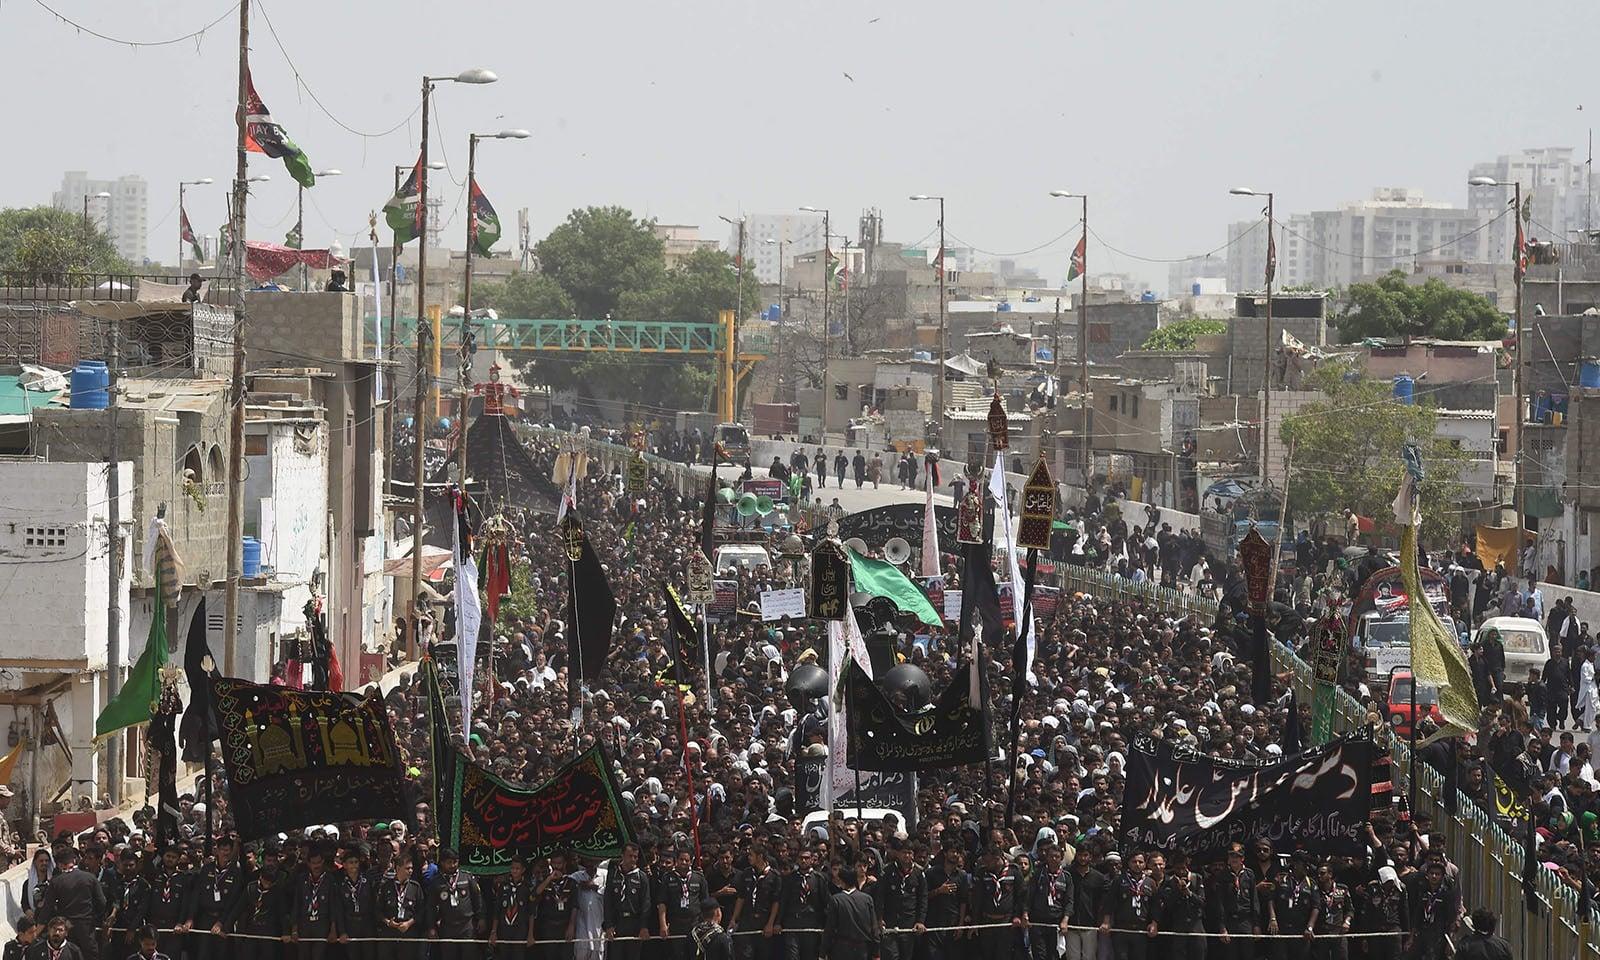 کراچی میں عاشورہ کا مرکزی جلوس منزل کی طرف بڑھ رہا ہے—فوٹو: اے ایف پی